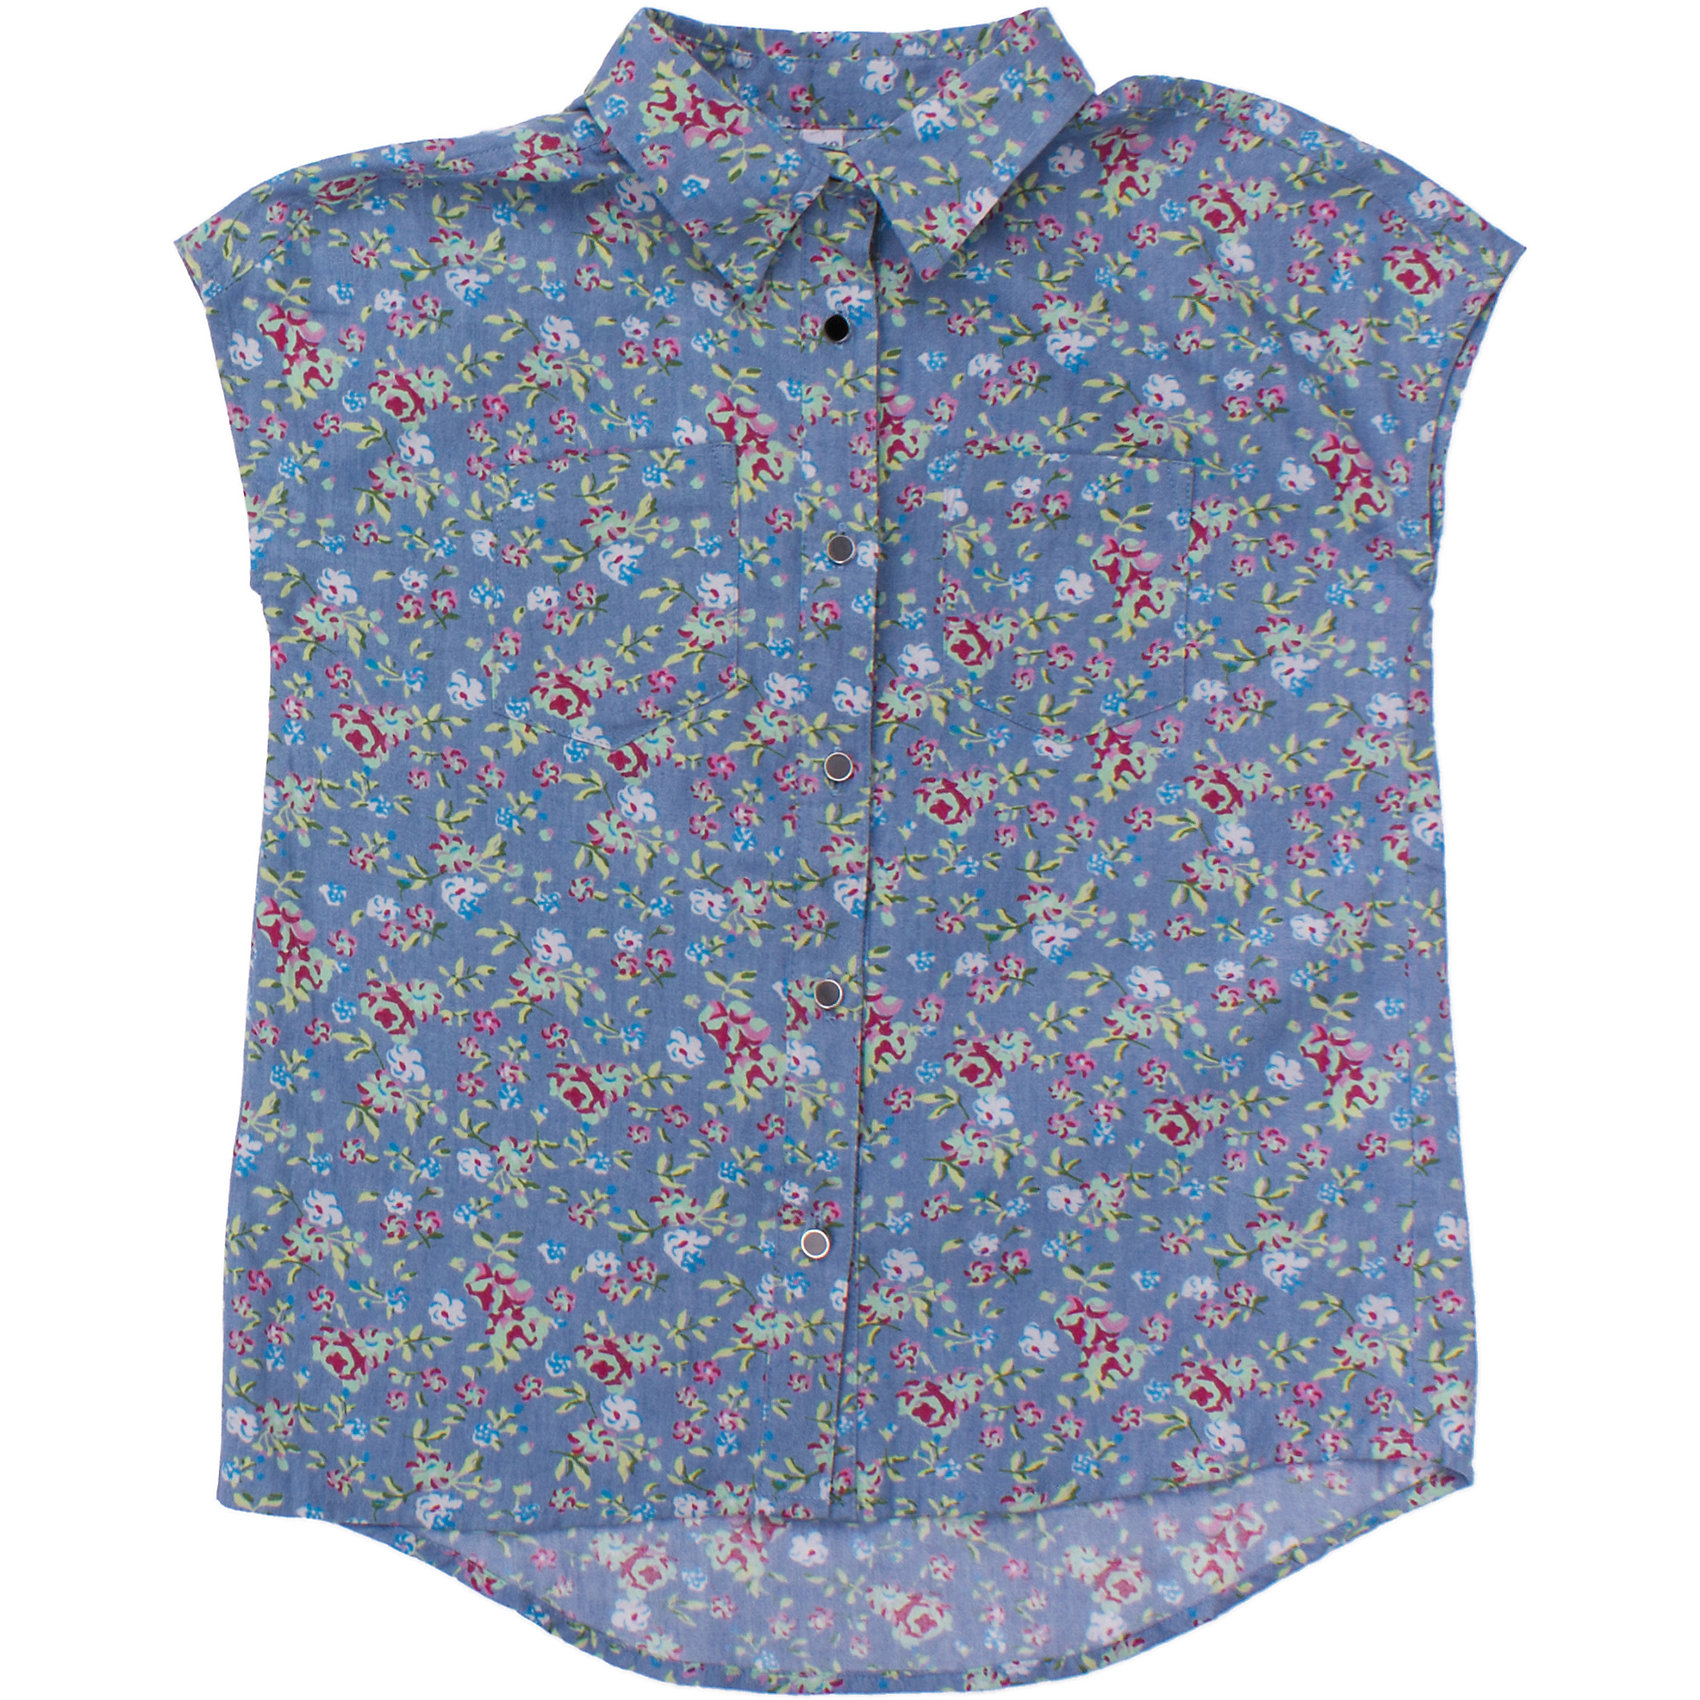 Блузка для девочки ScoolБлузки и рубашки<br>Мягкая джинсовая рубашка с легким цветочным узором. Застегивается на белые пуговки. На груди два кармашка Состав: 100% хлопок<br><br>Ширина мм: 186<br>Глубина мм: 87<br>Высота мм: 198<br>Вес г: 197<br>Цвет: голубой<br>Возраст от месяцев: 120<br>Возраст до месяцев: 132<br>Пол: Женский<br>Возраст: Детский<br>Размер: 146,140,134,164,158,152<br>SKU: 4652838